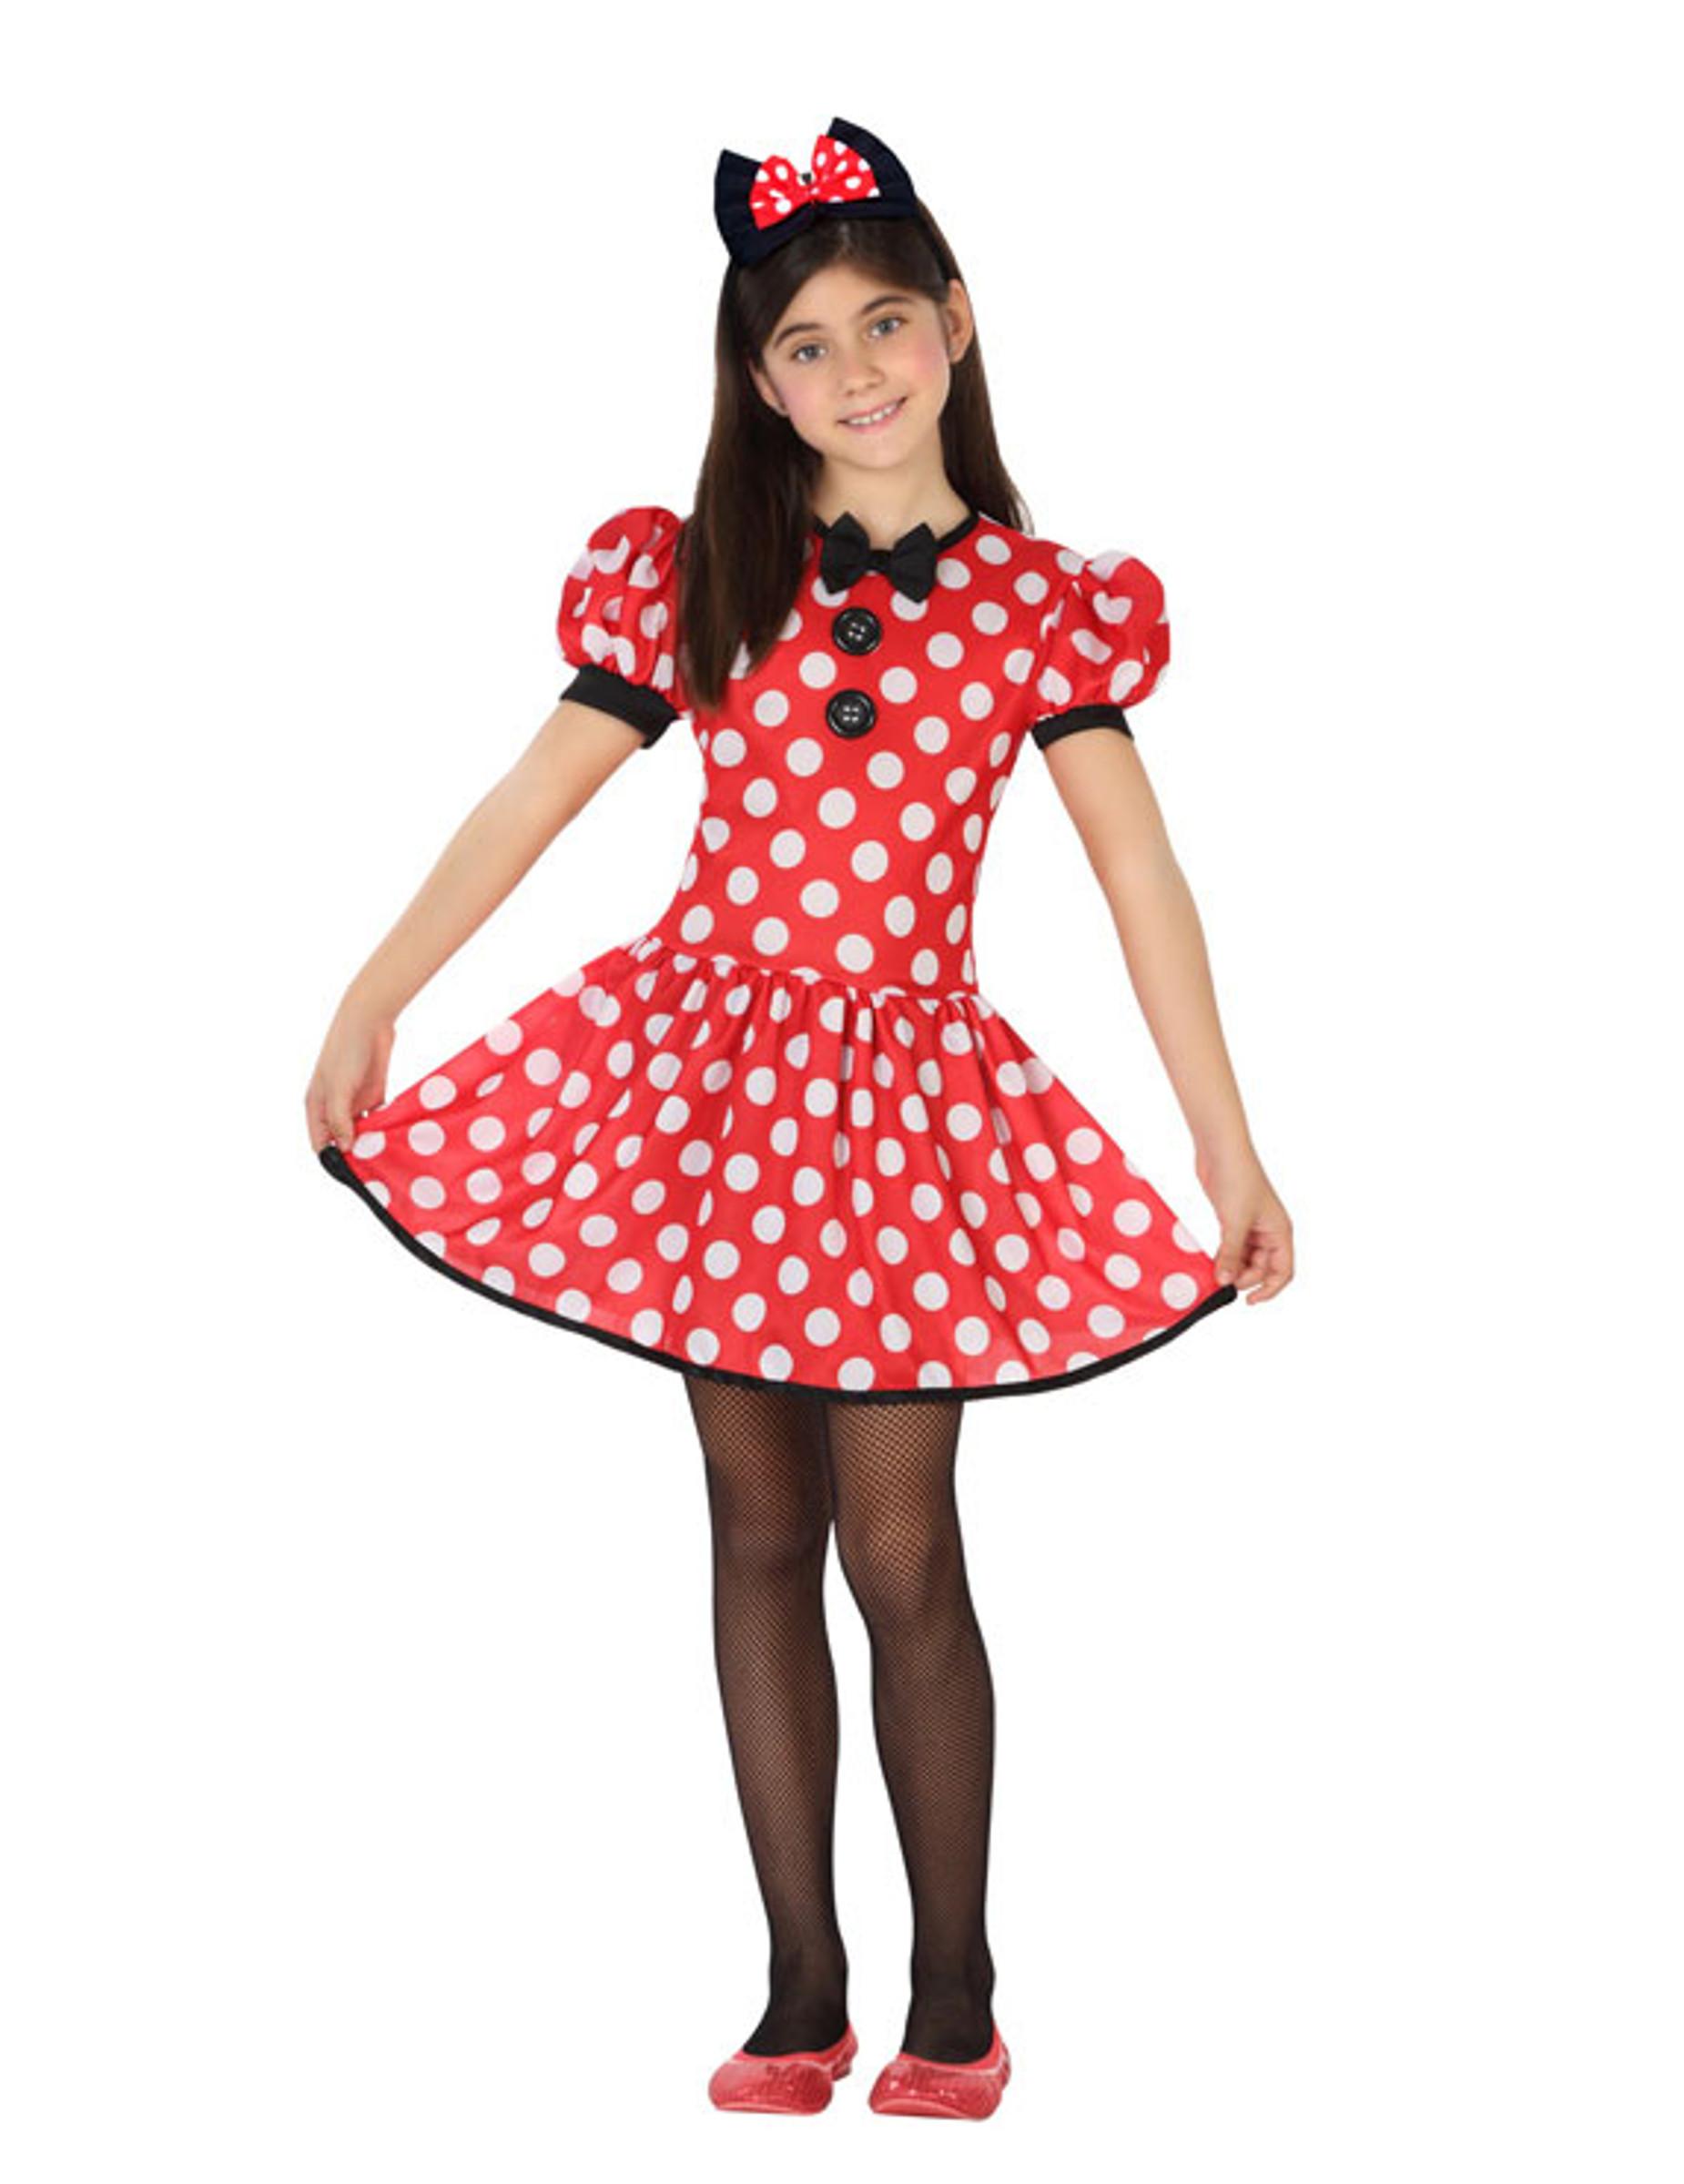 Maus Kostum Fur Madchen Punktchen Kleid Rot Weiss Gunstige Faschings Kostume Bei Karneval Megastore